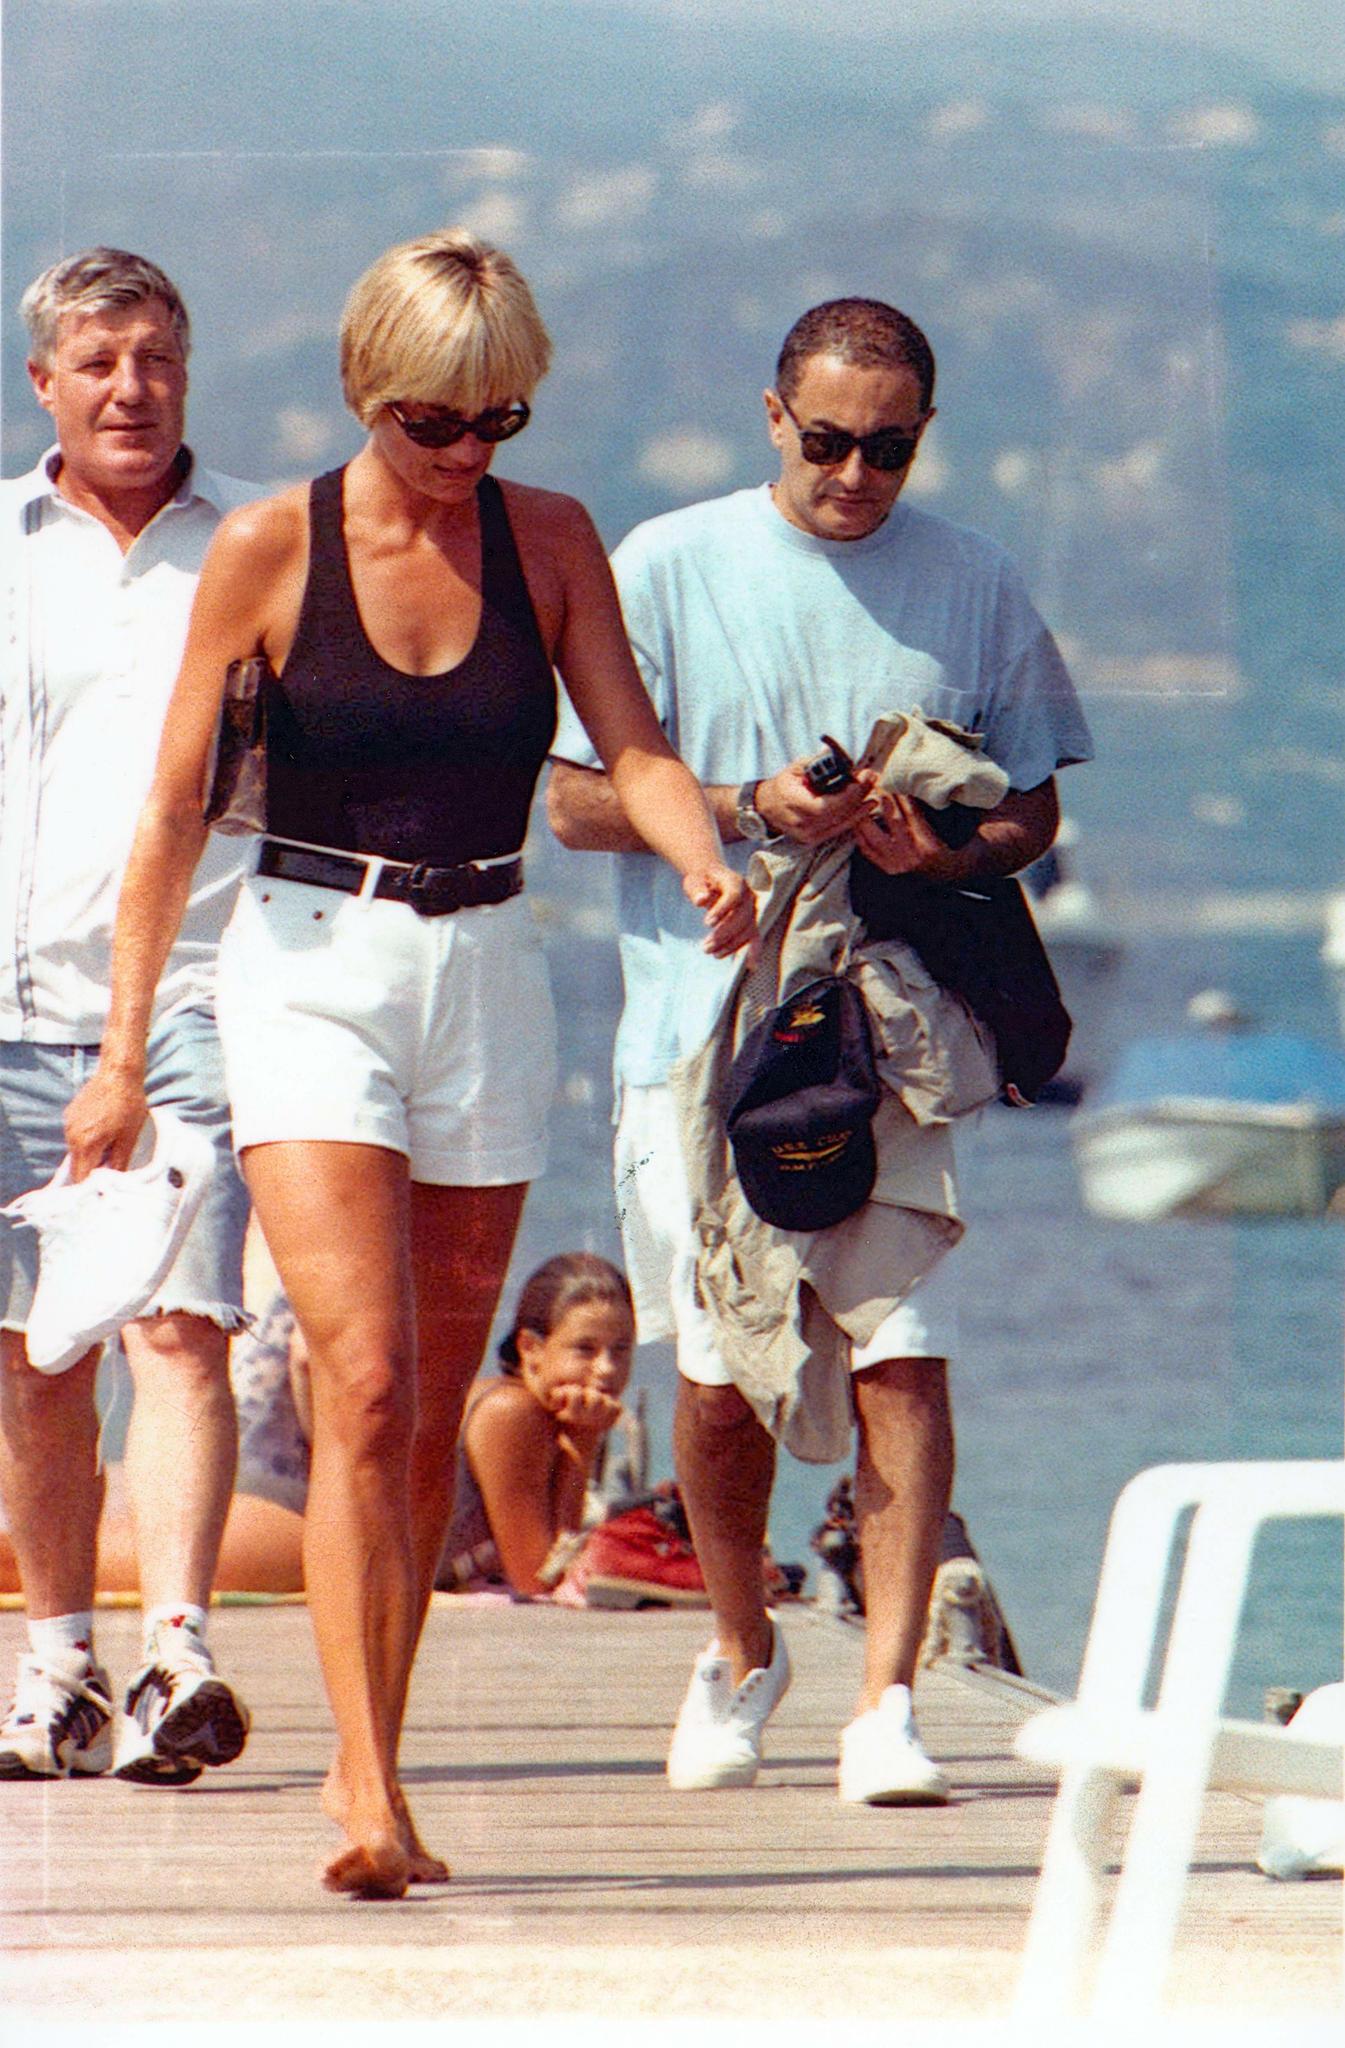 Prinzessin Diana und Dodi Al-Fayed in ihrem letzten Urlaub in St. Tropez